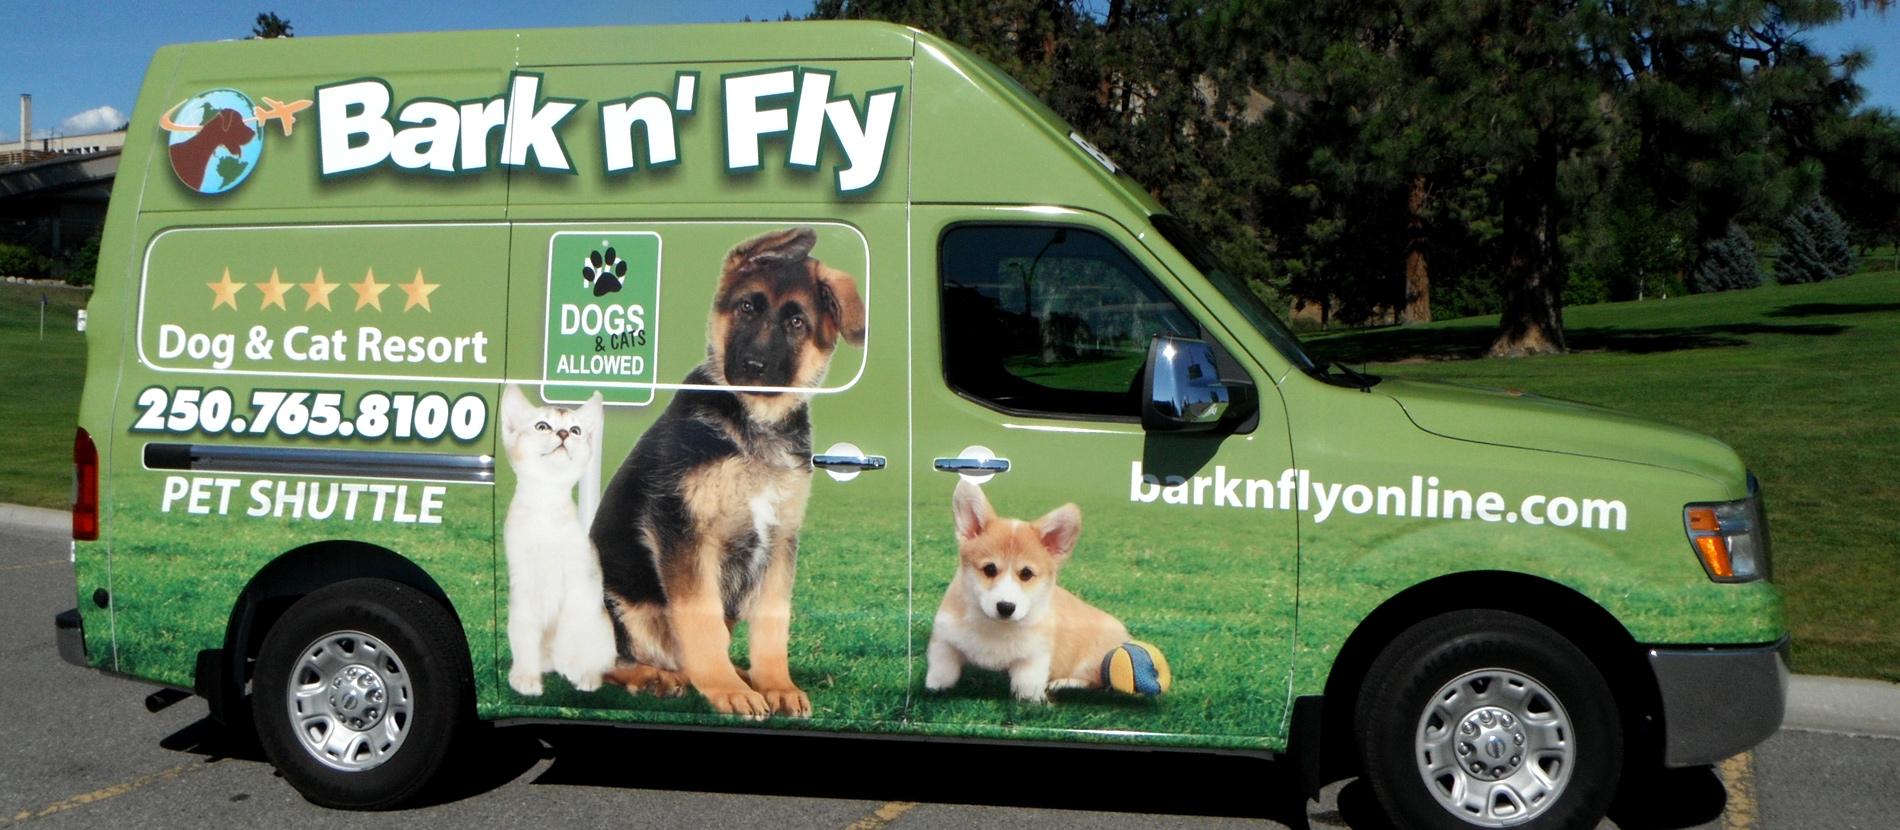 Bark N Fly Dog Daycare Boarding Kennel Kelowna Bc